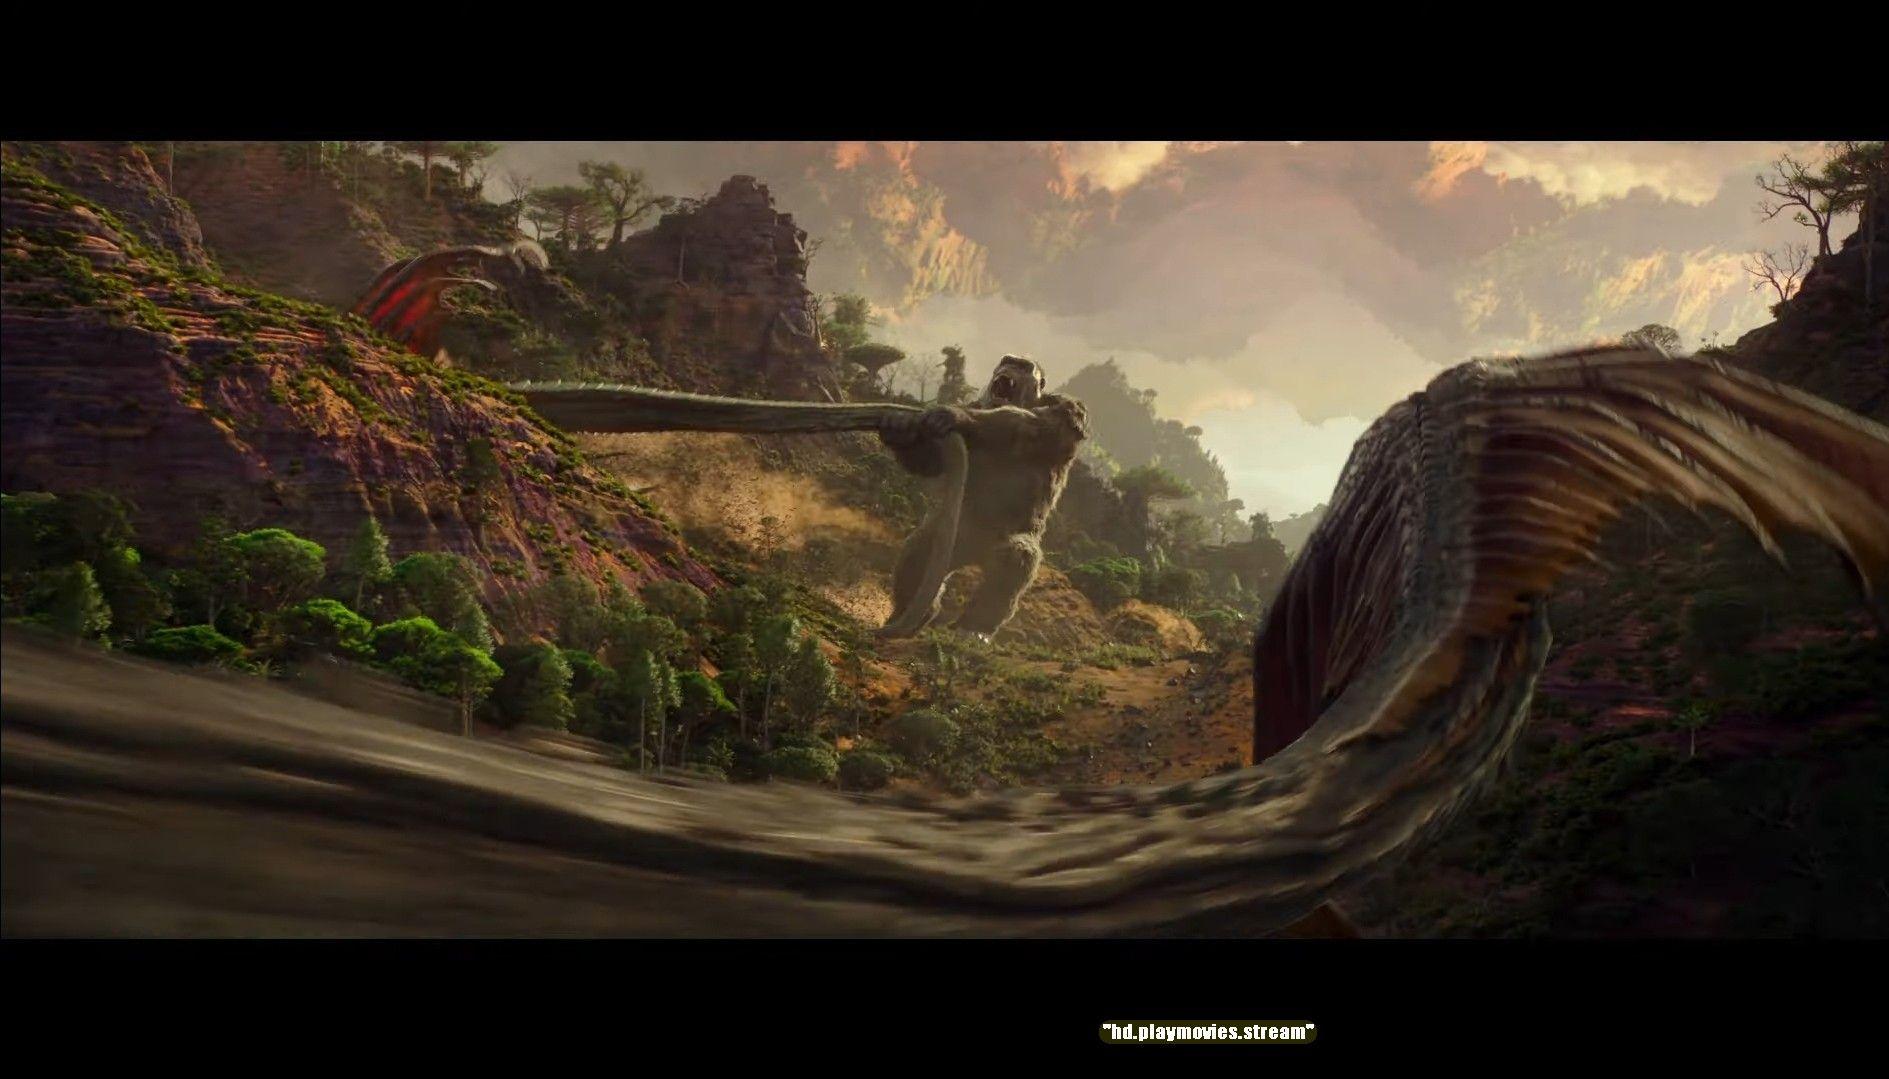 Pin On Godzilla Vs Kong Pelicula Completa En Espanol Hd